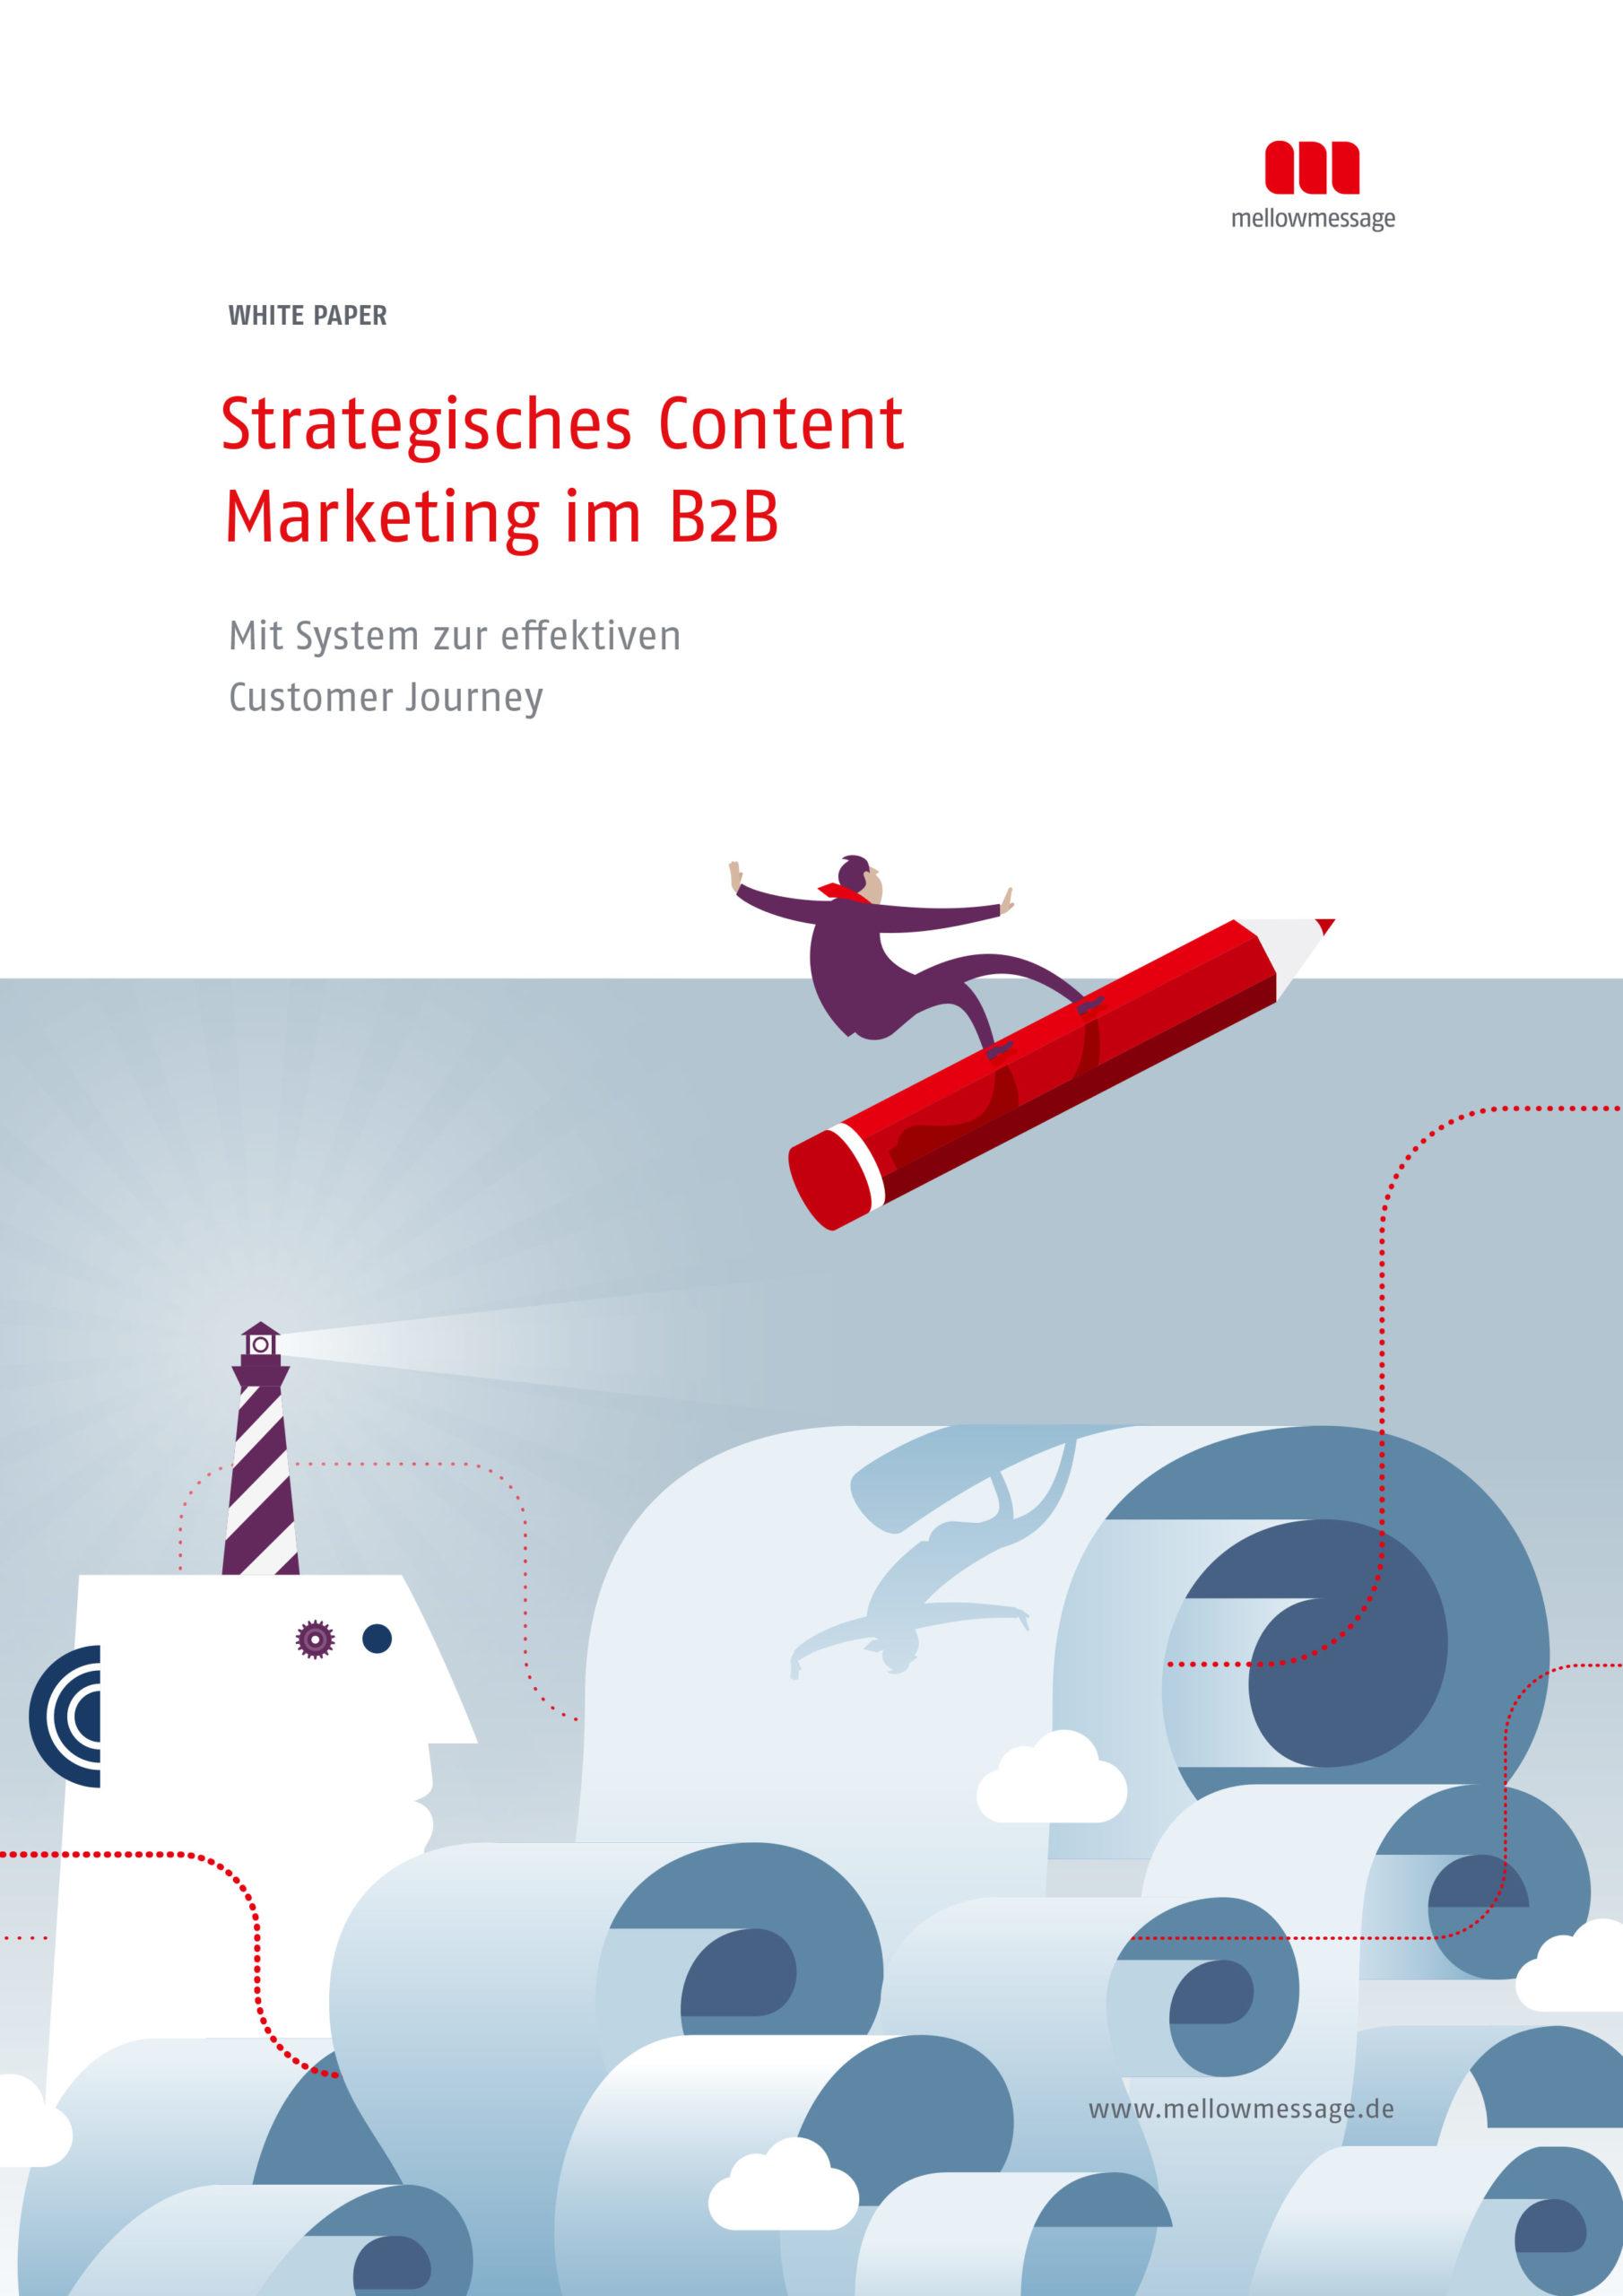 Strategisches Content Marketing im B2B